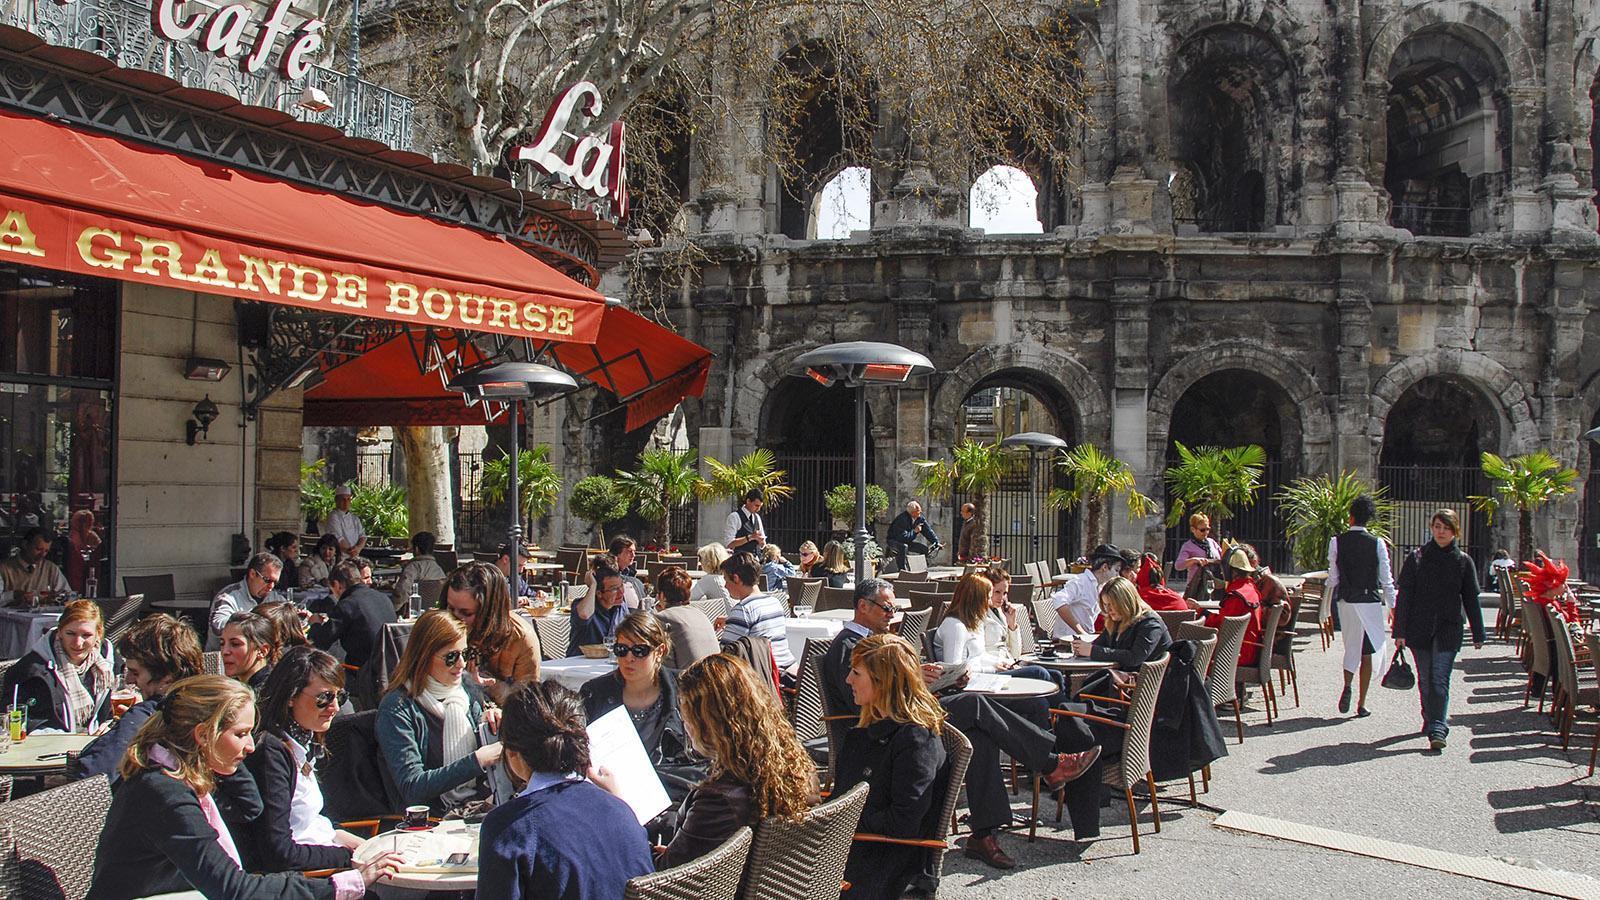 Nîmes: Direkt an den Arenen: die Brasserie La Grande Bourse. Foto. Hilke Maunder